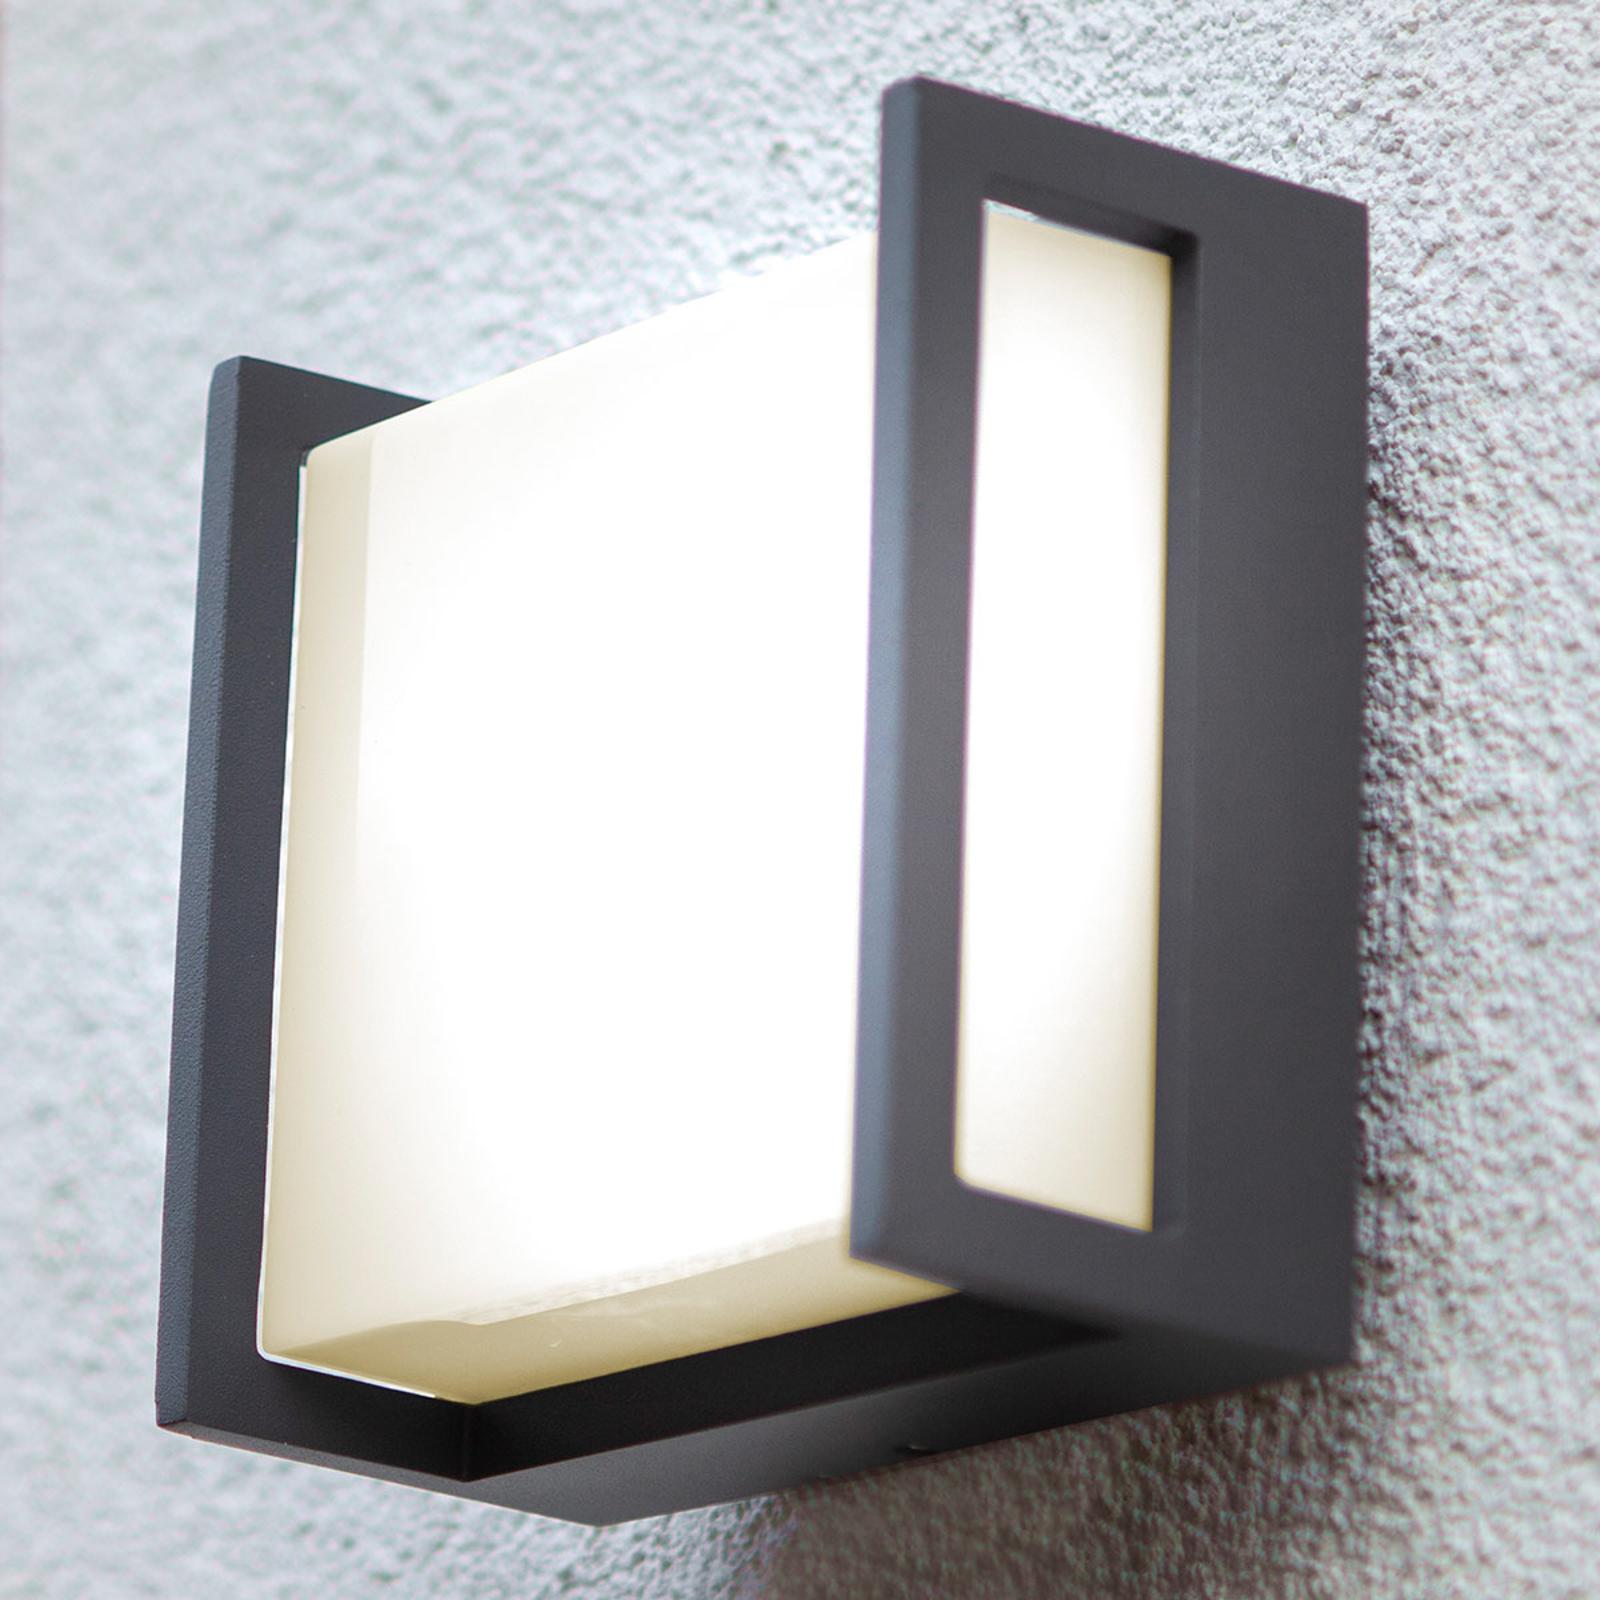 Qubo udendørs LED-væglampe, 14 cm x 14 cm